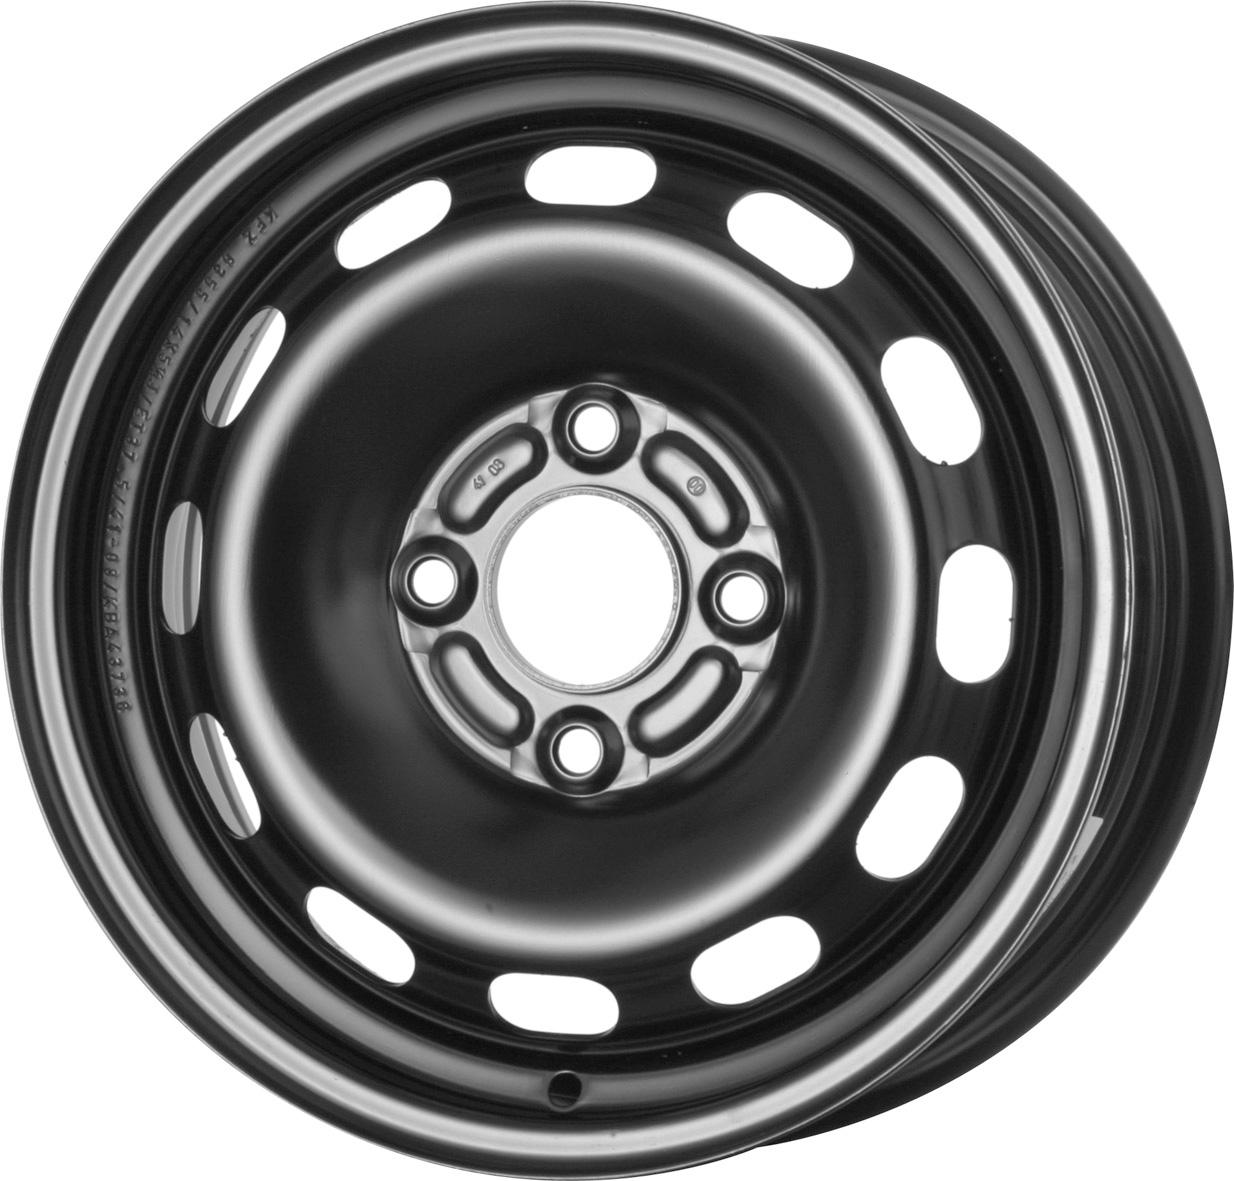 Vorschau: 14″ Stahlrad Sommer für Ford Fiesta 1.0 (JA8) Kumho KH27 175/65 R14 82T